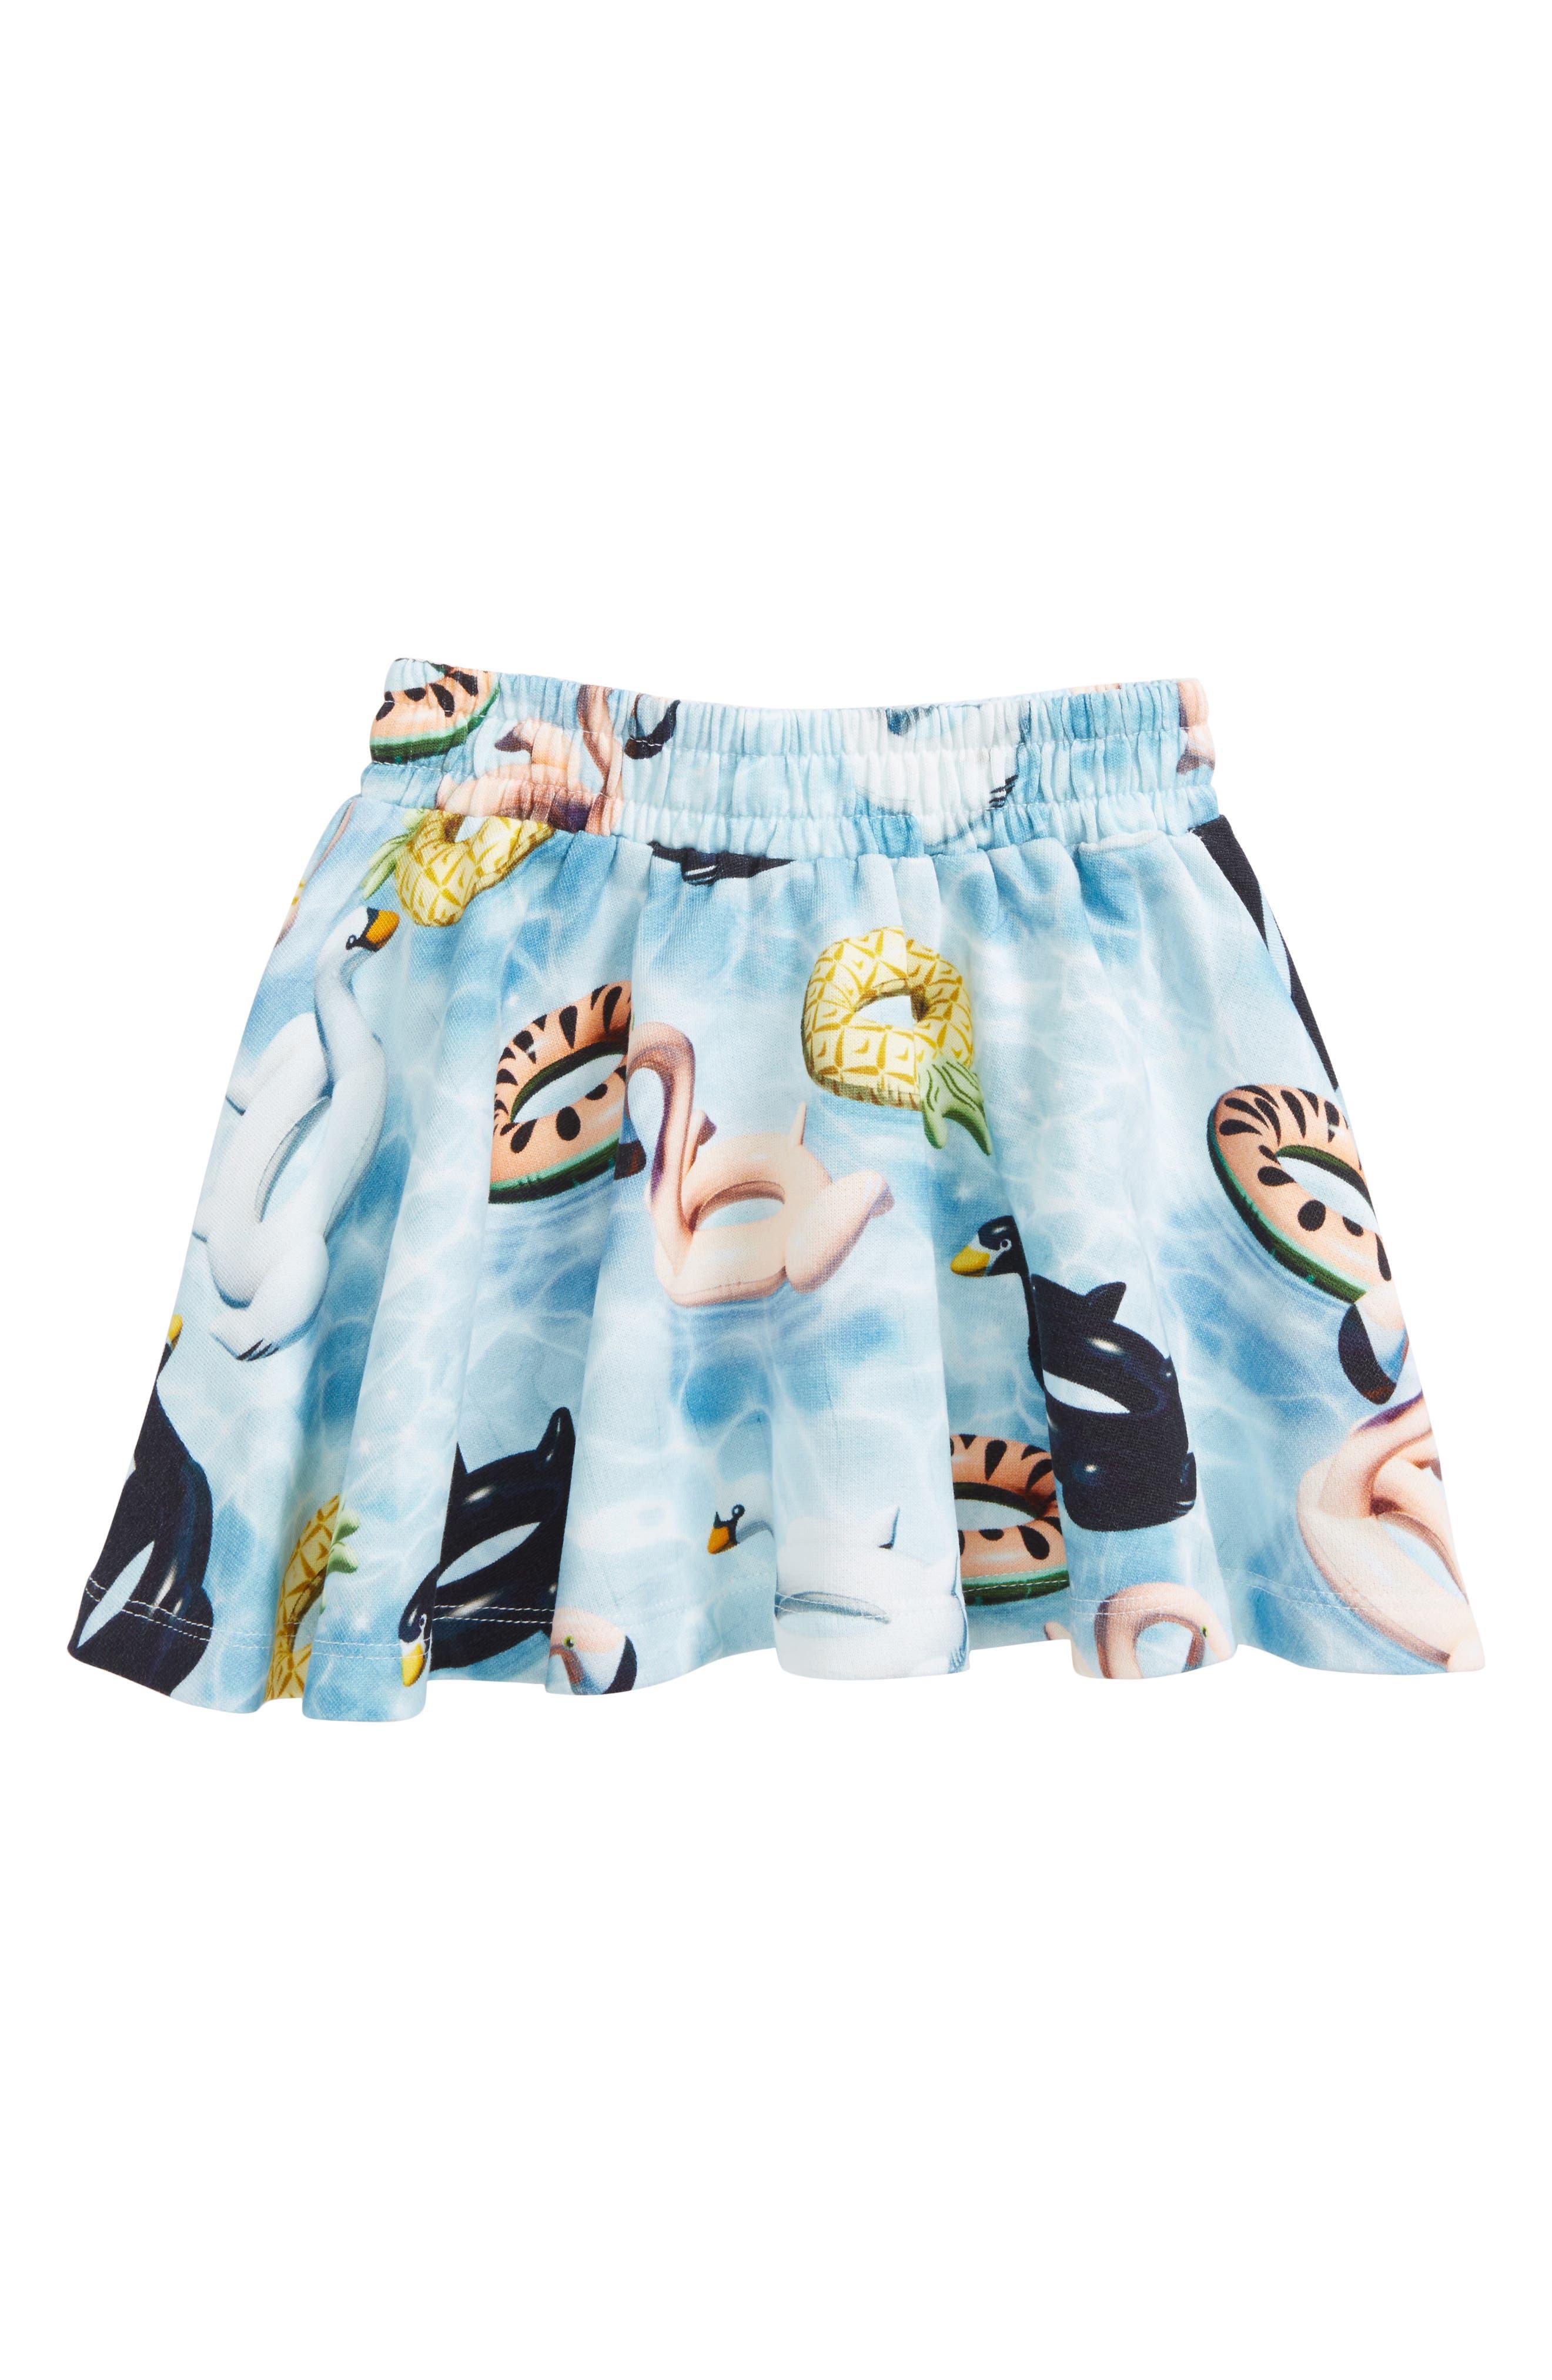 Barbera Pool Float Skirt,                         Main,                         color, Pool Fun